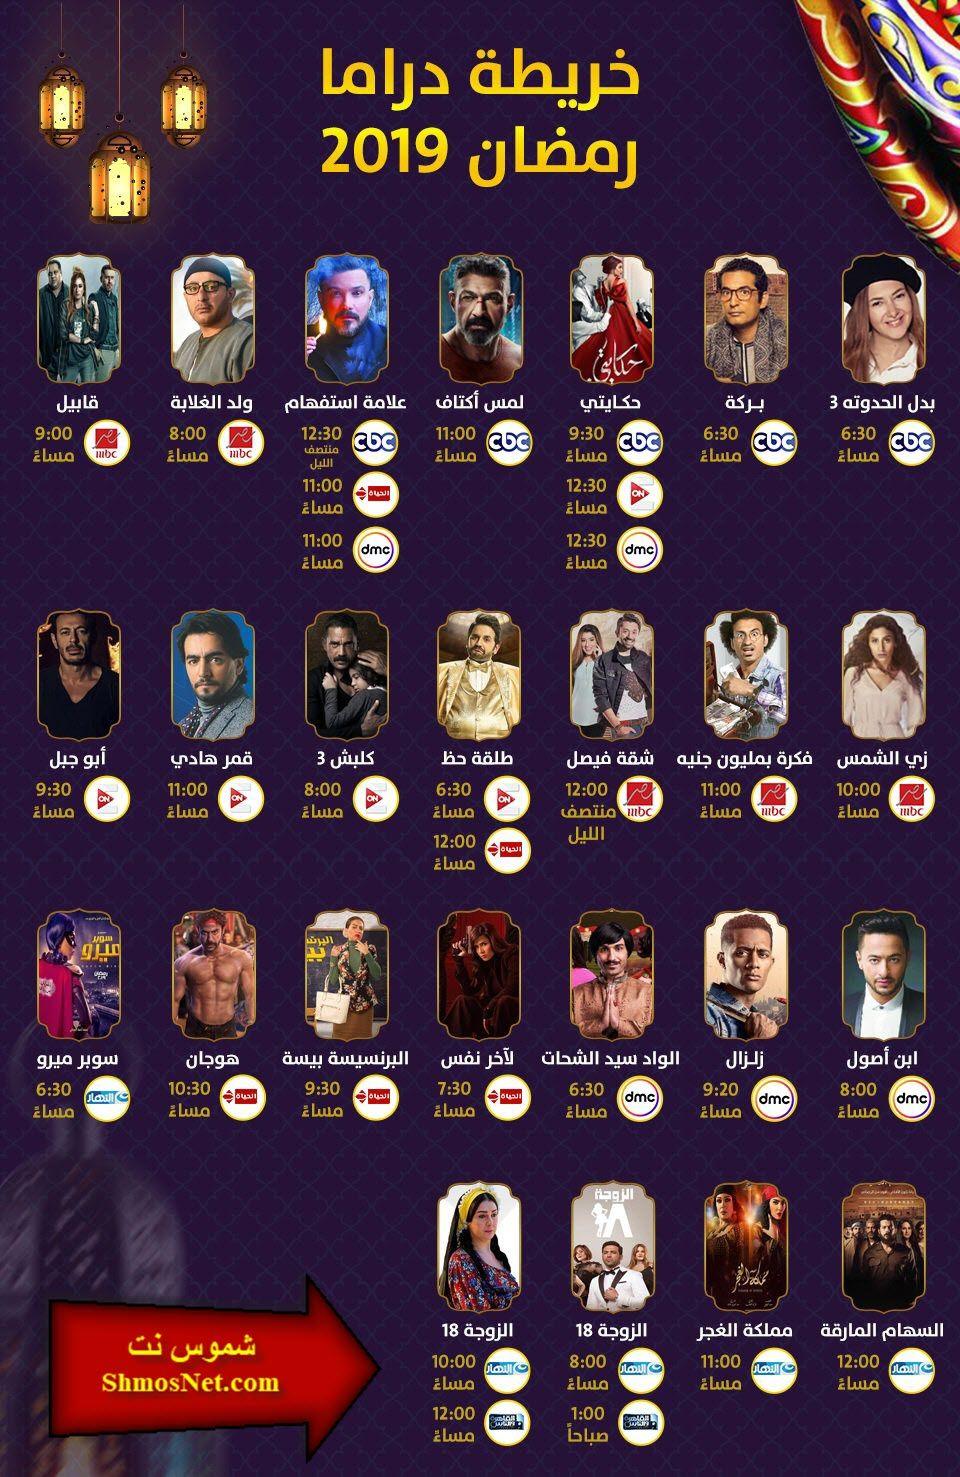 بالمواعيد والقنوات الخريطة الكاملة والنهائية لمسلسلات رمضان ننشر مواعيد عرض مسلسلات رمضان 2019 على قناة Cbc Poster Movie Posters Screenshots